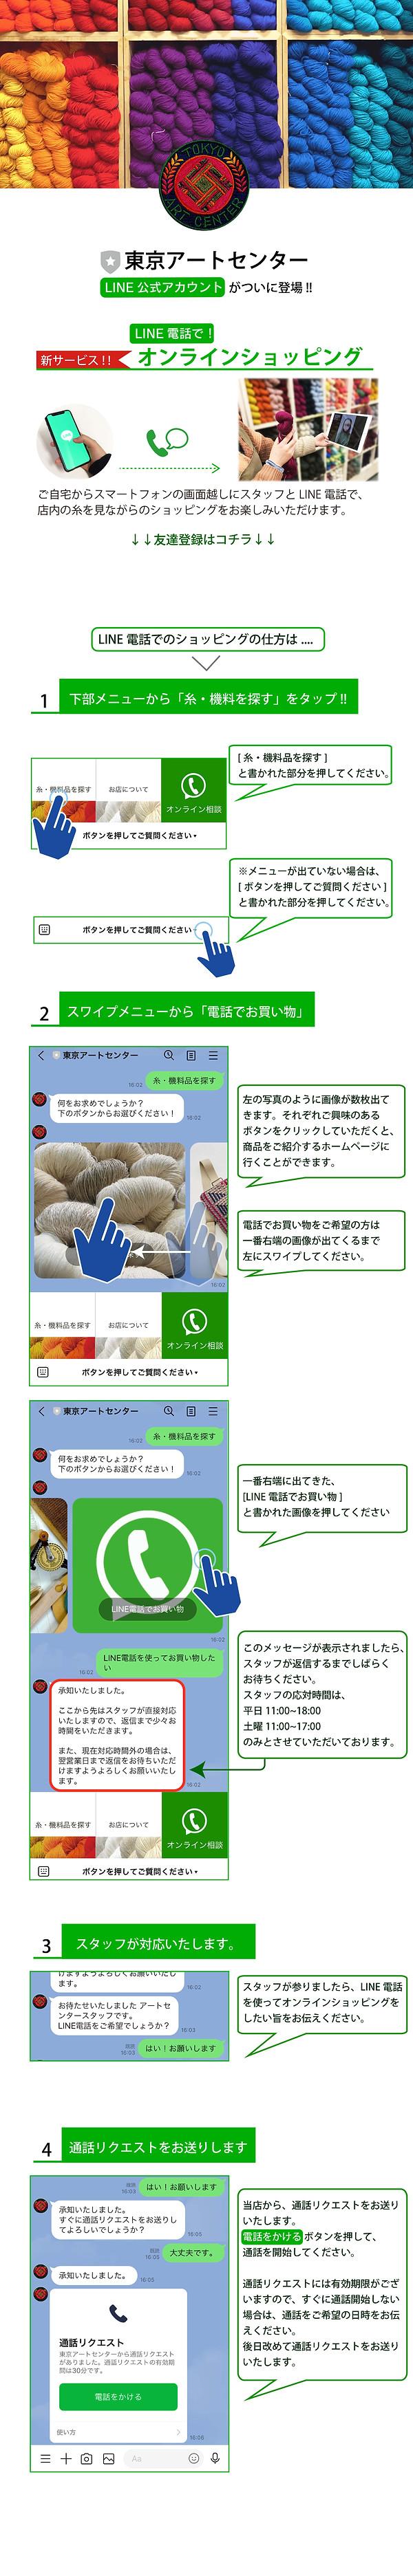 LINE広告-02-min.jpg